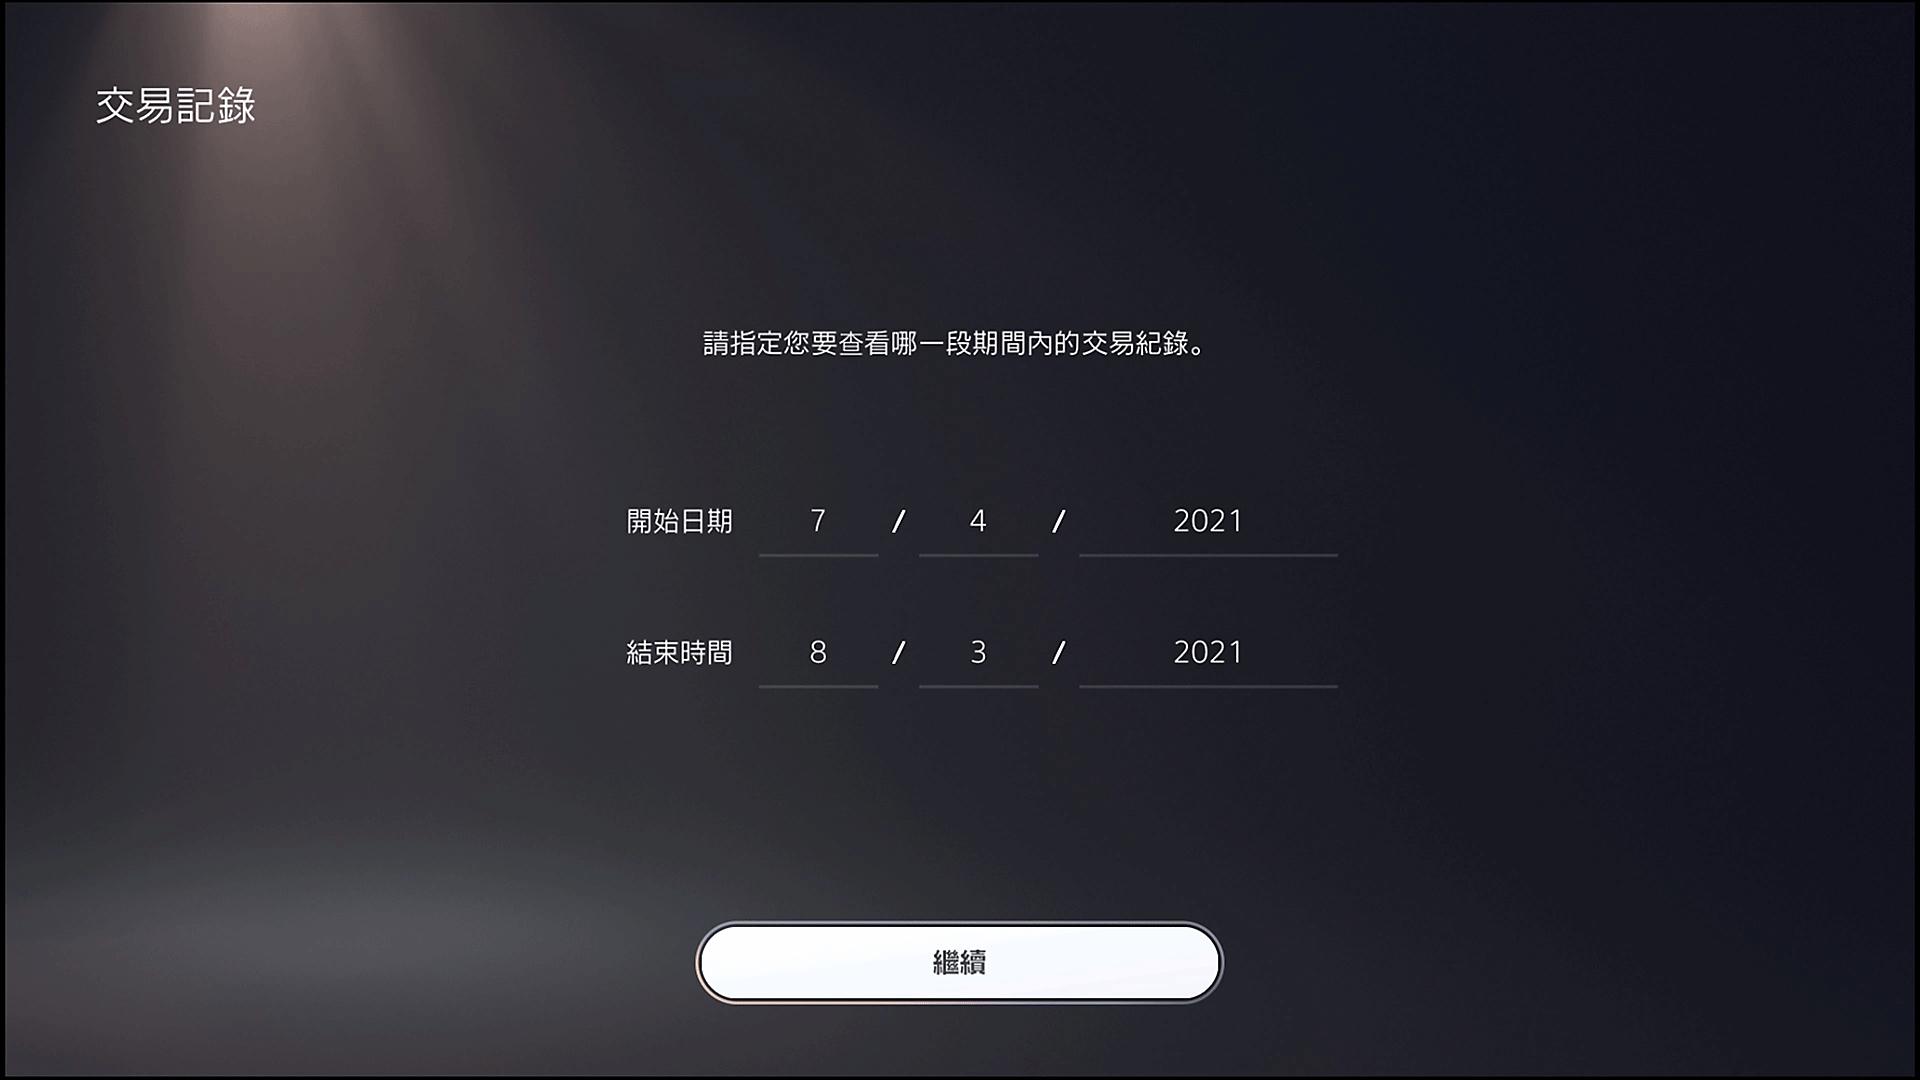 PS5 交易紀錄畫面